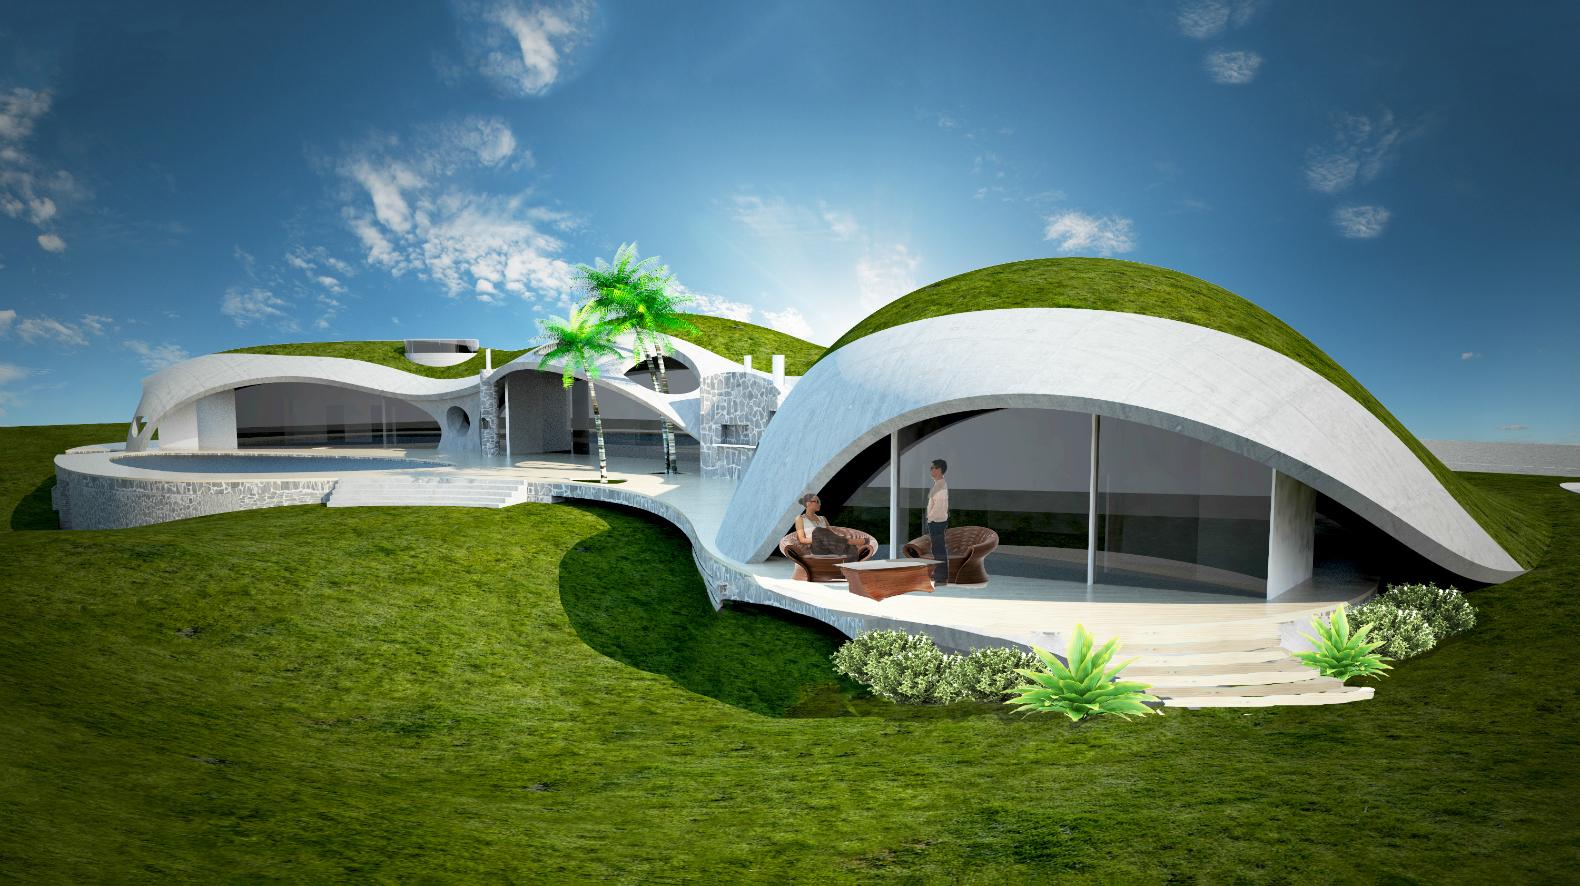 Дом будущего в картинках